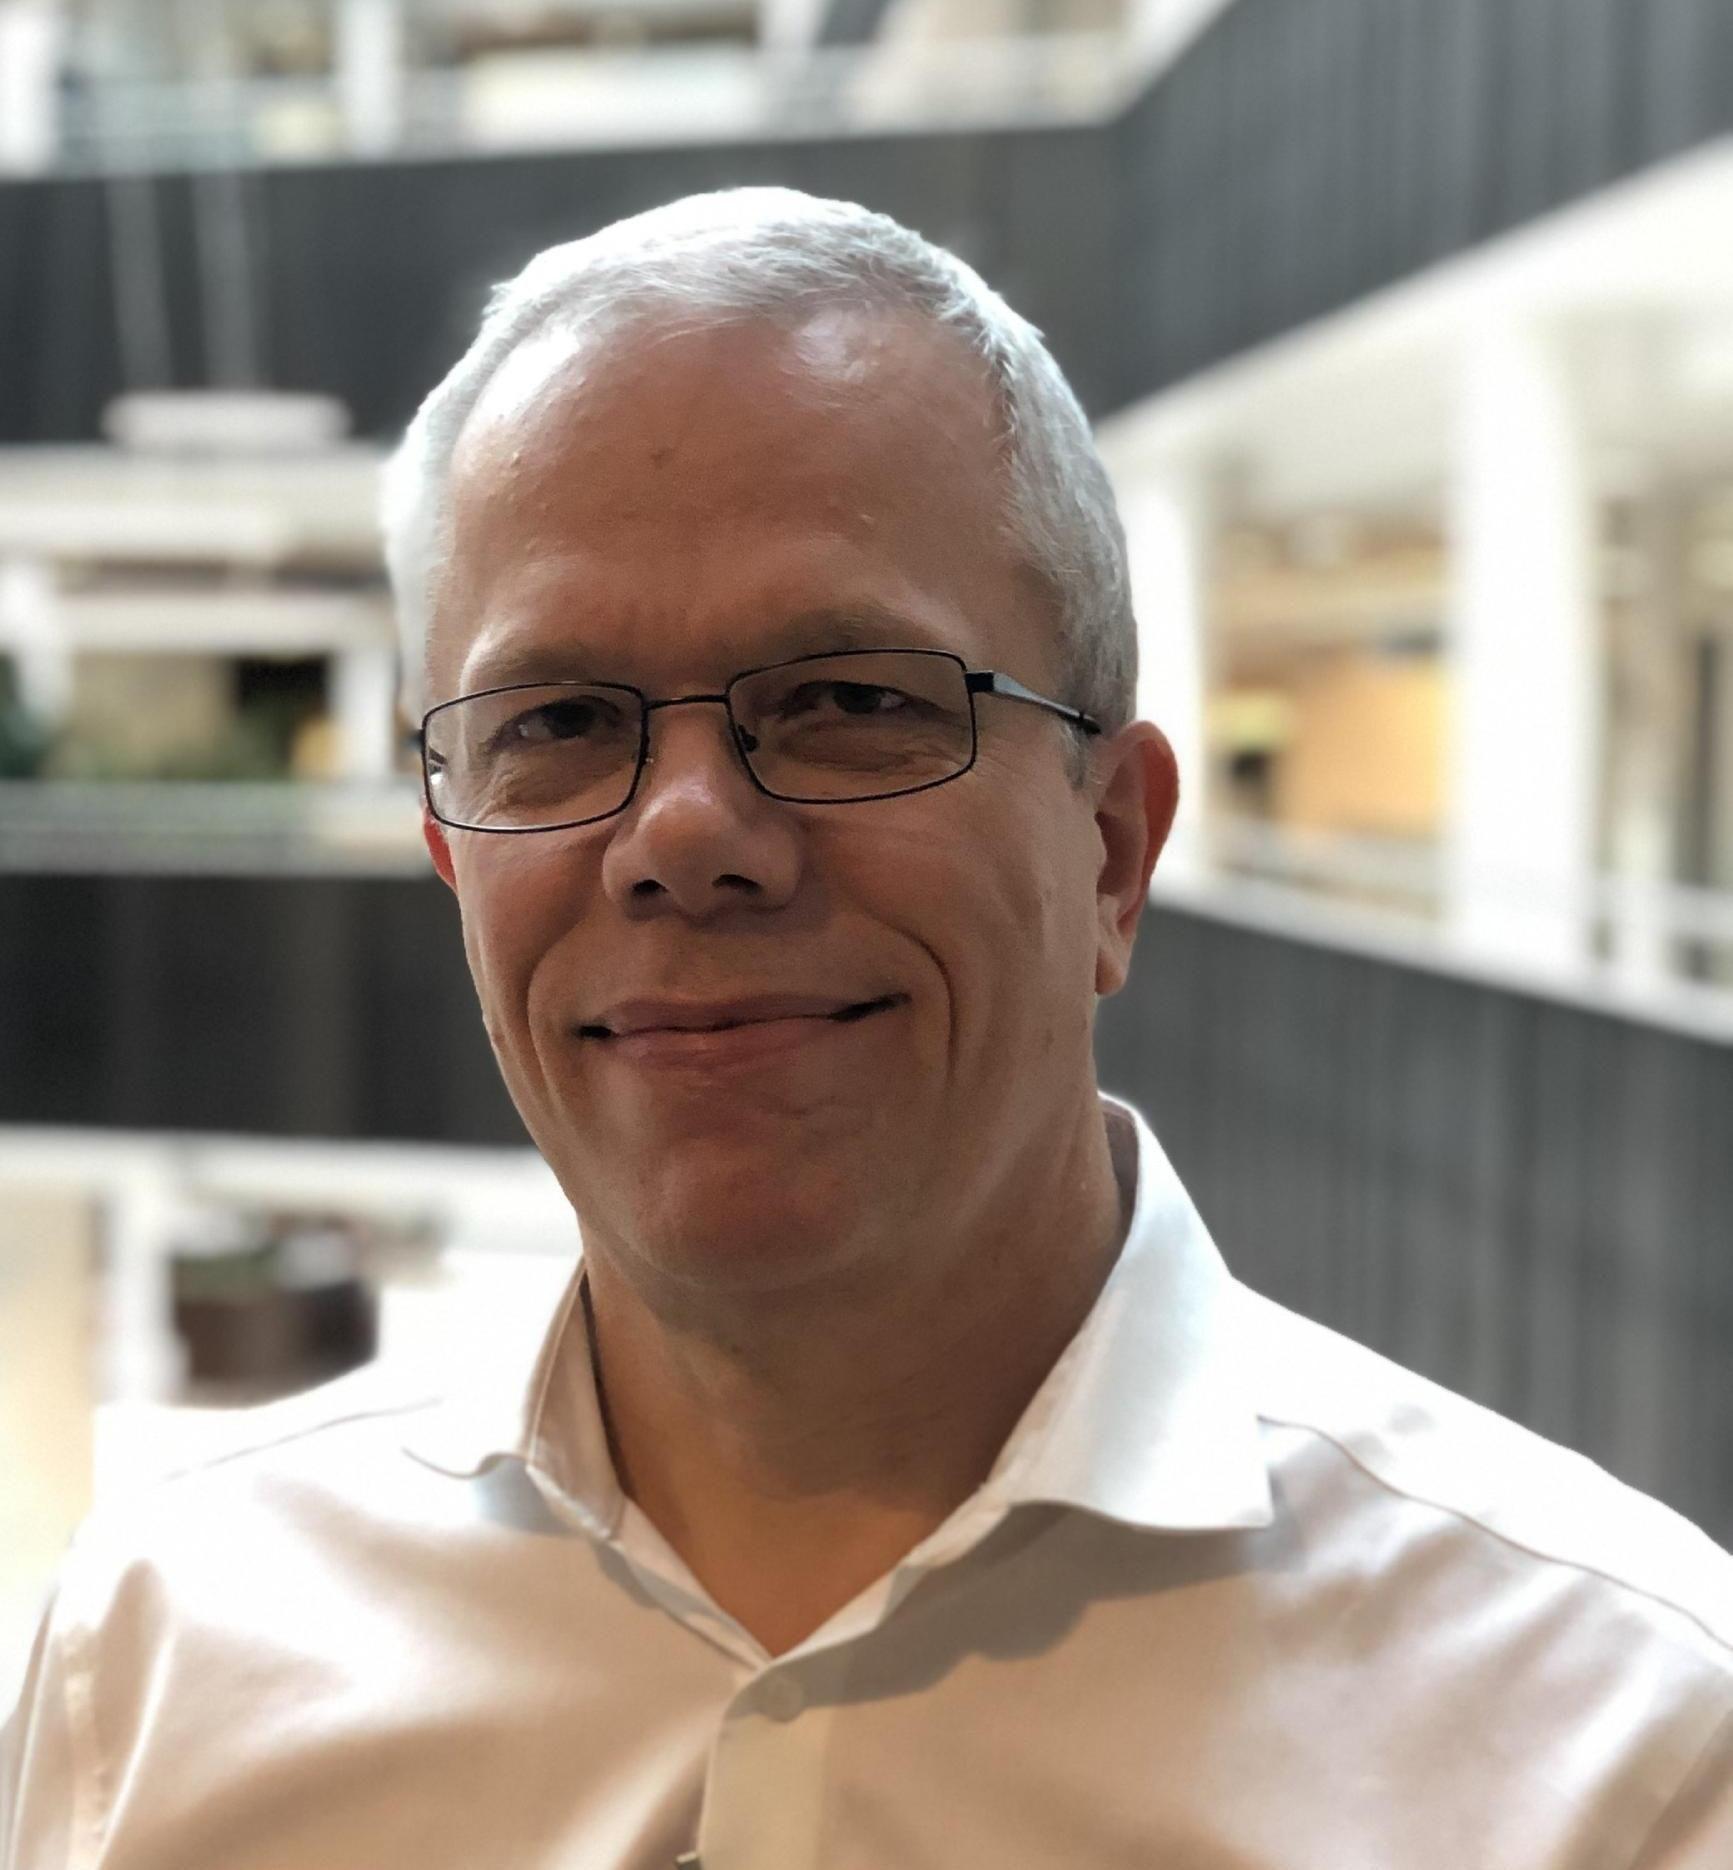 Morten Norderud Poulsen